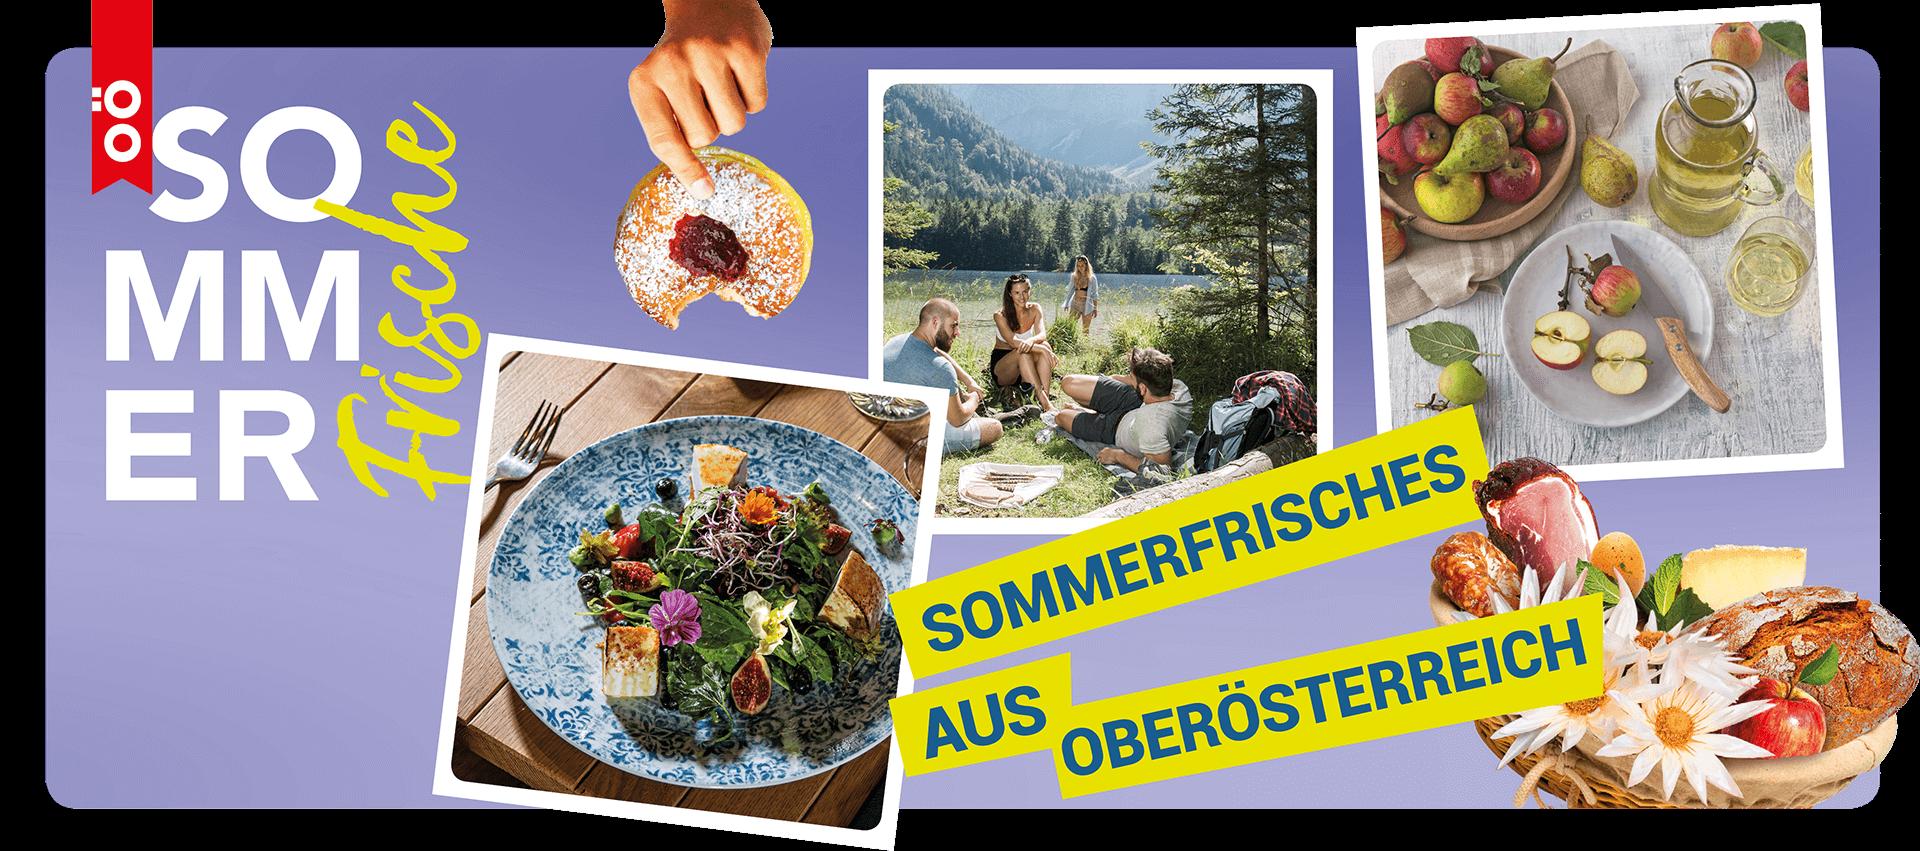 Auf lila Hintergrund sind verschiedene Bilder zu sehen, die mit der Sommerfrische in Verbindung stehen: köstlich aussehende Speisen und Menschen an einem See.